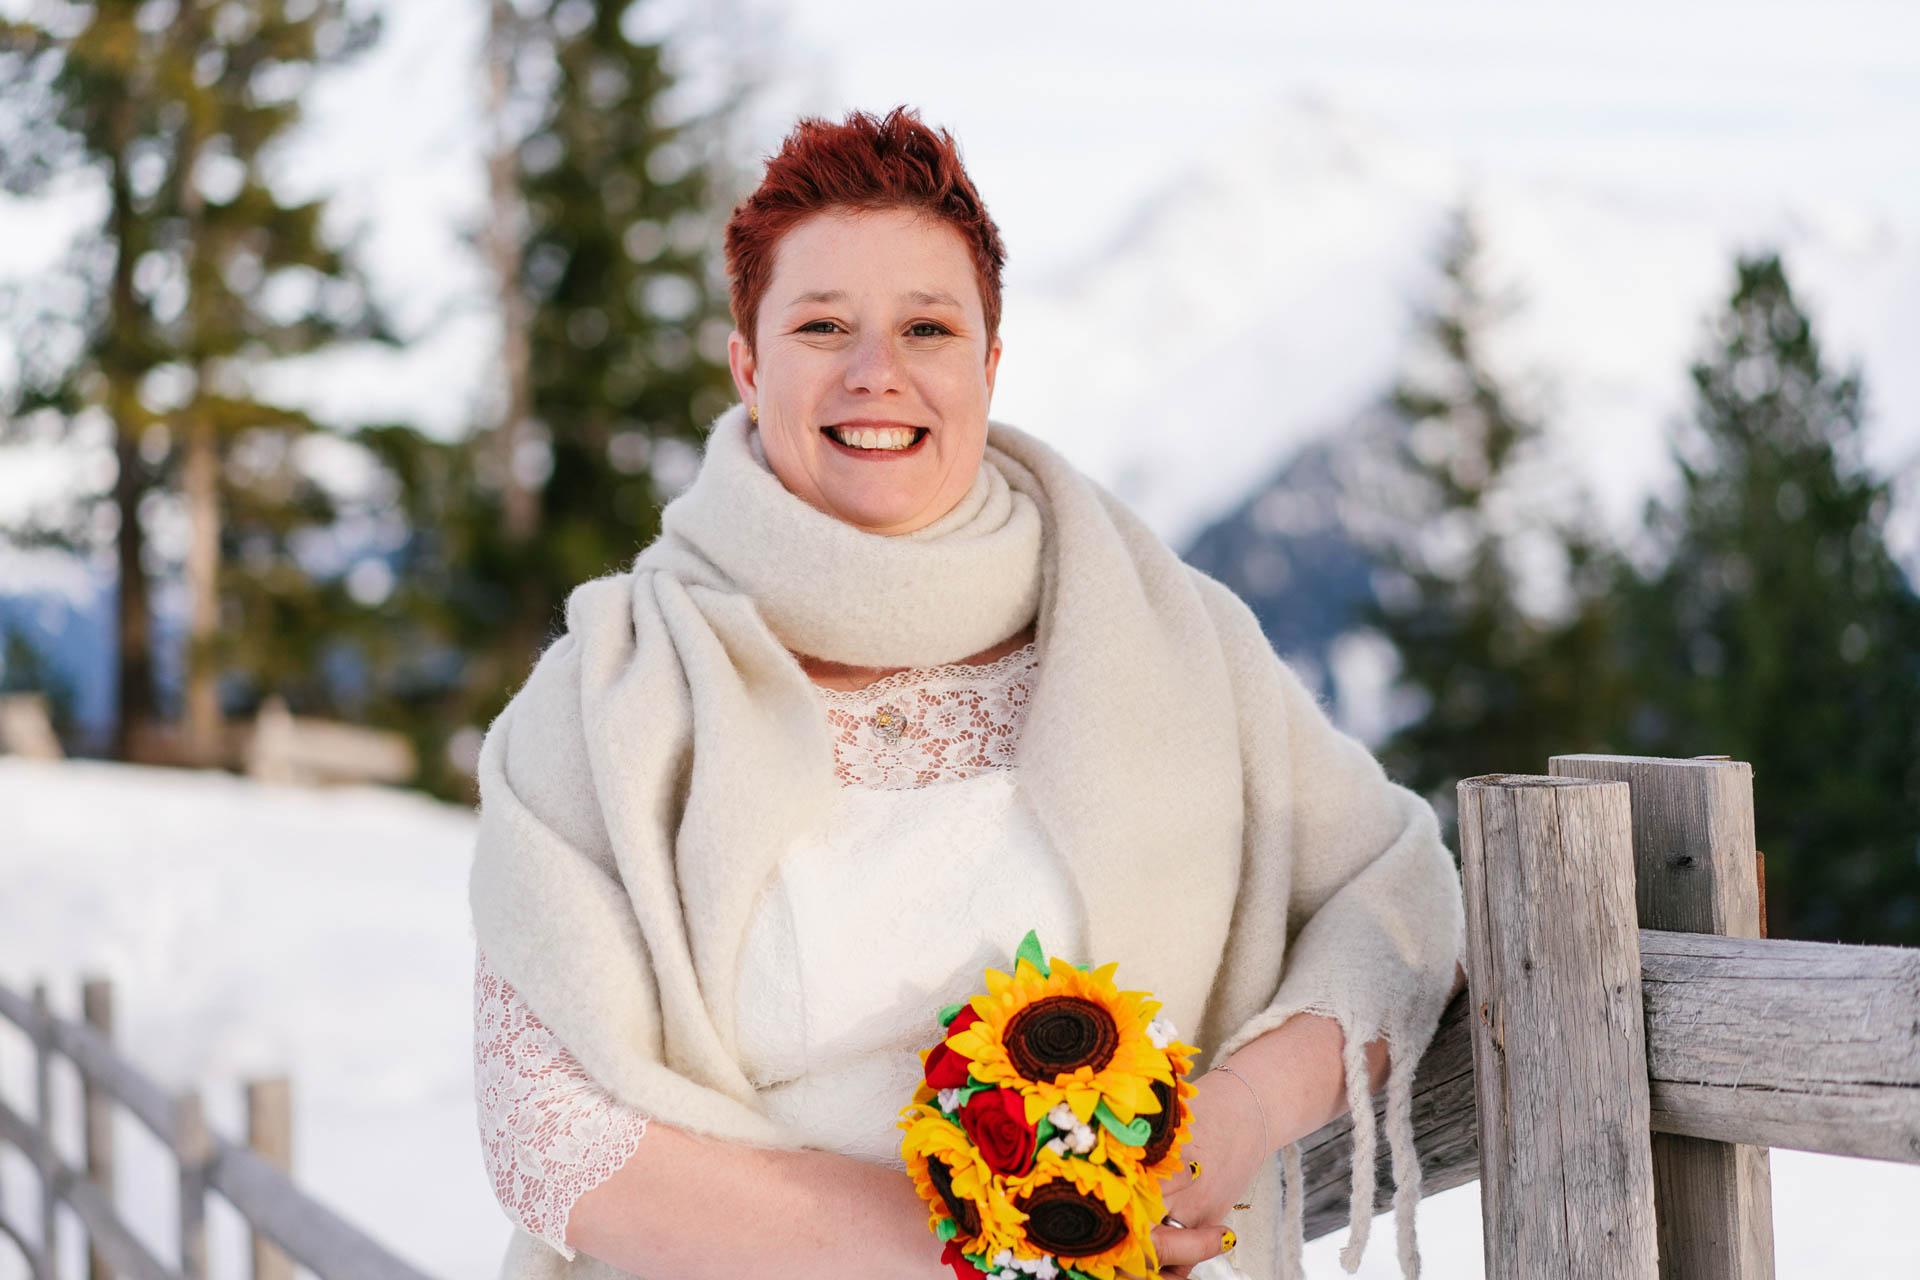 glücklich strahlende Braut mit roten, kurzen Haaren im Schnee